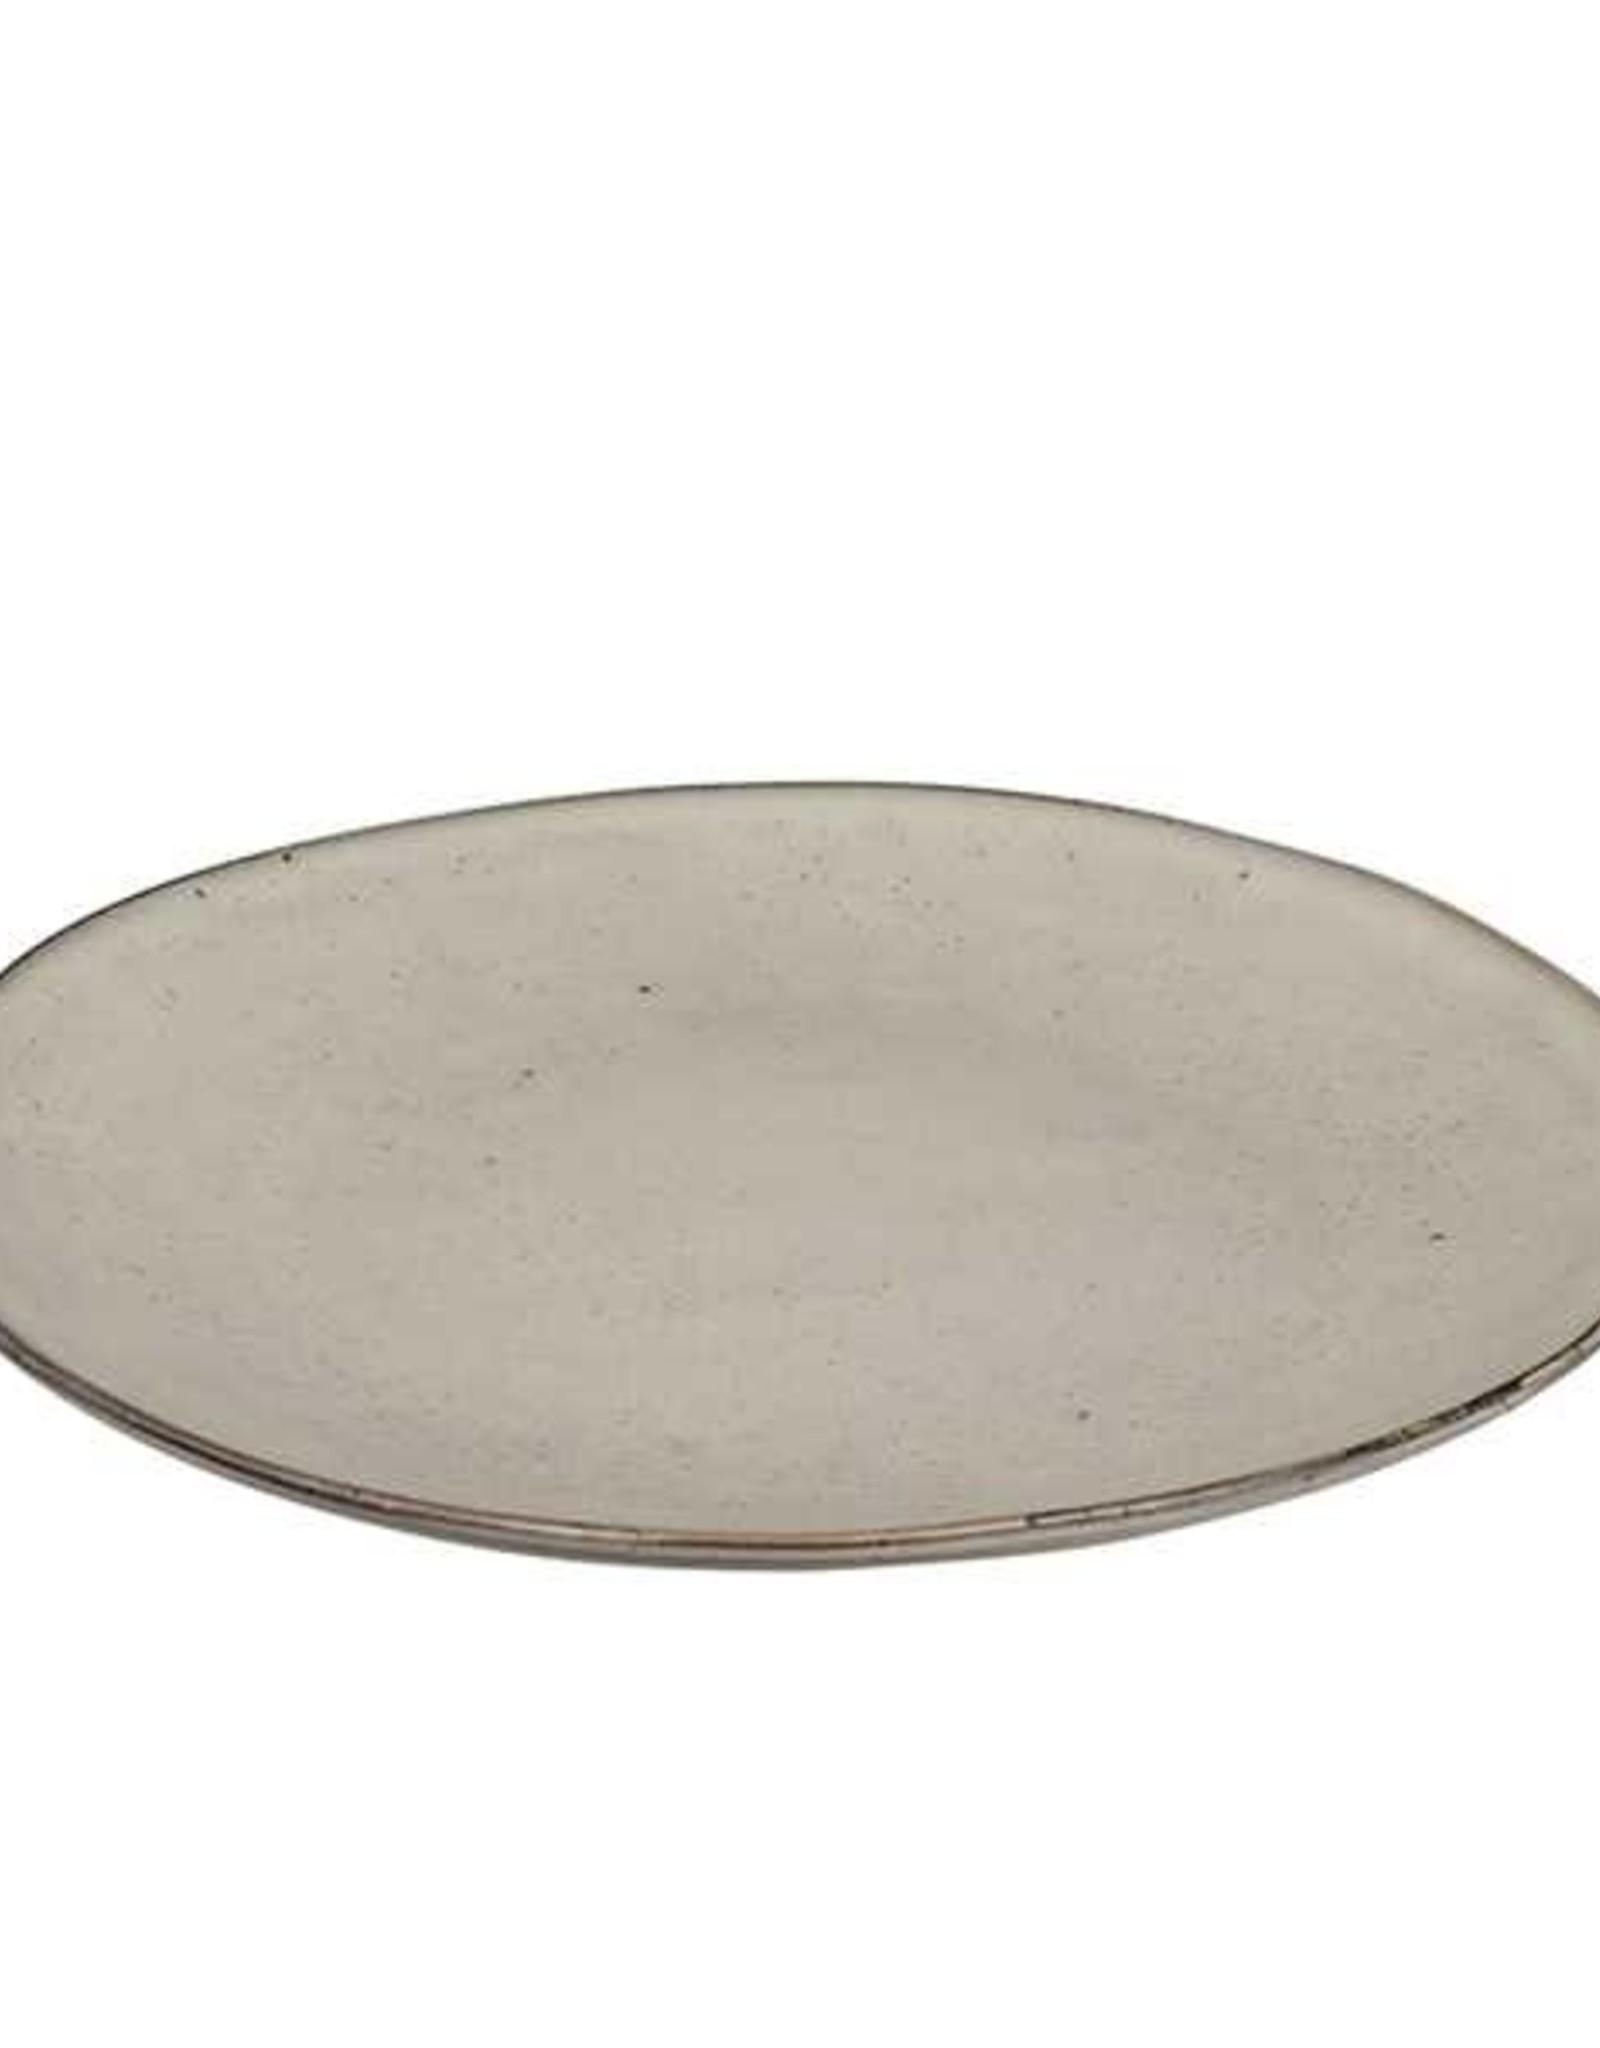 Broste Nordic Sand diner plate 26cm